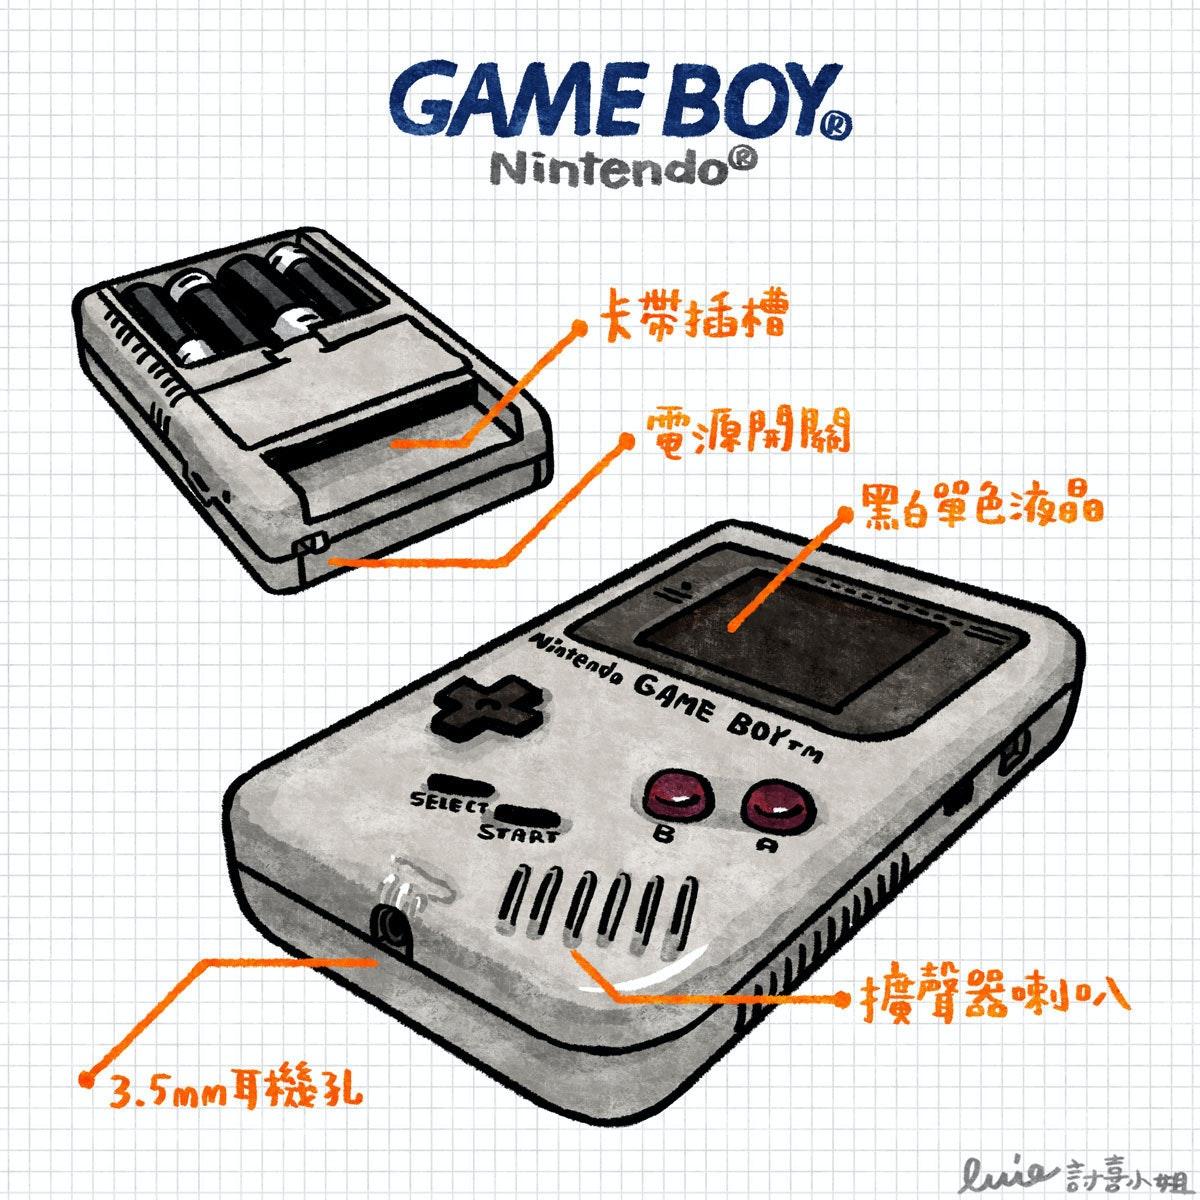 是[經典技研堂]掌中世界的美好時光:人人都愛的Gameboy遊戲機這篇文章的首圖